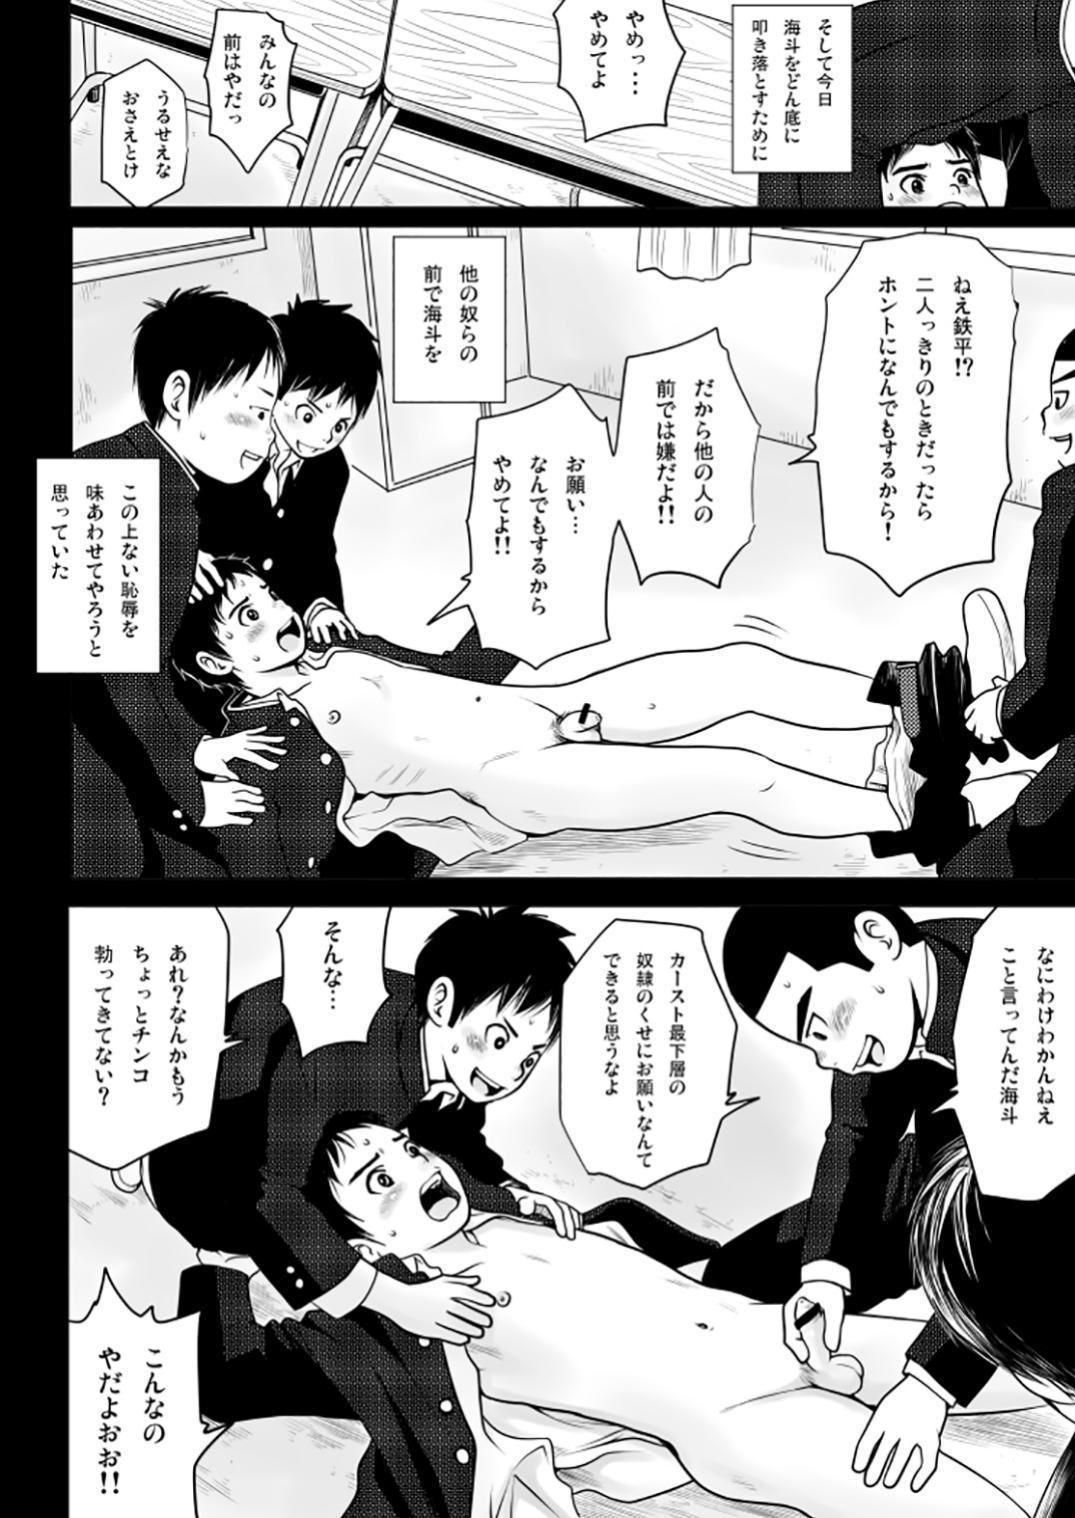 Harushota Shishunki Kāsuto 2 13